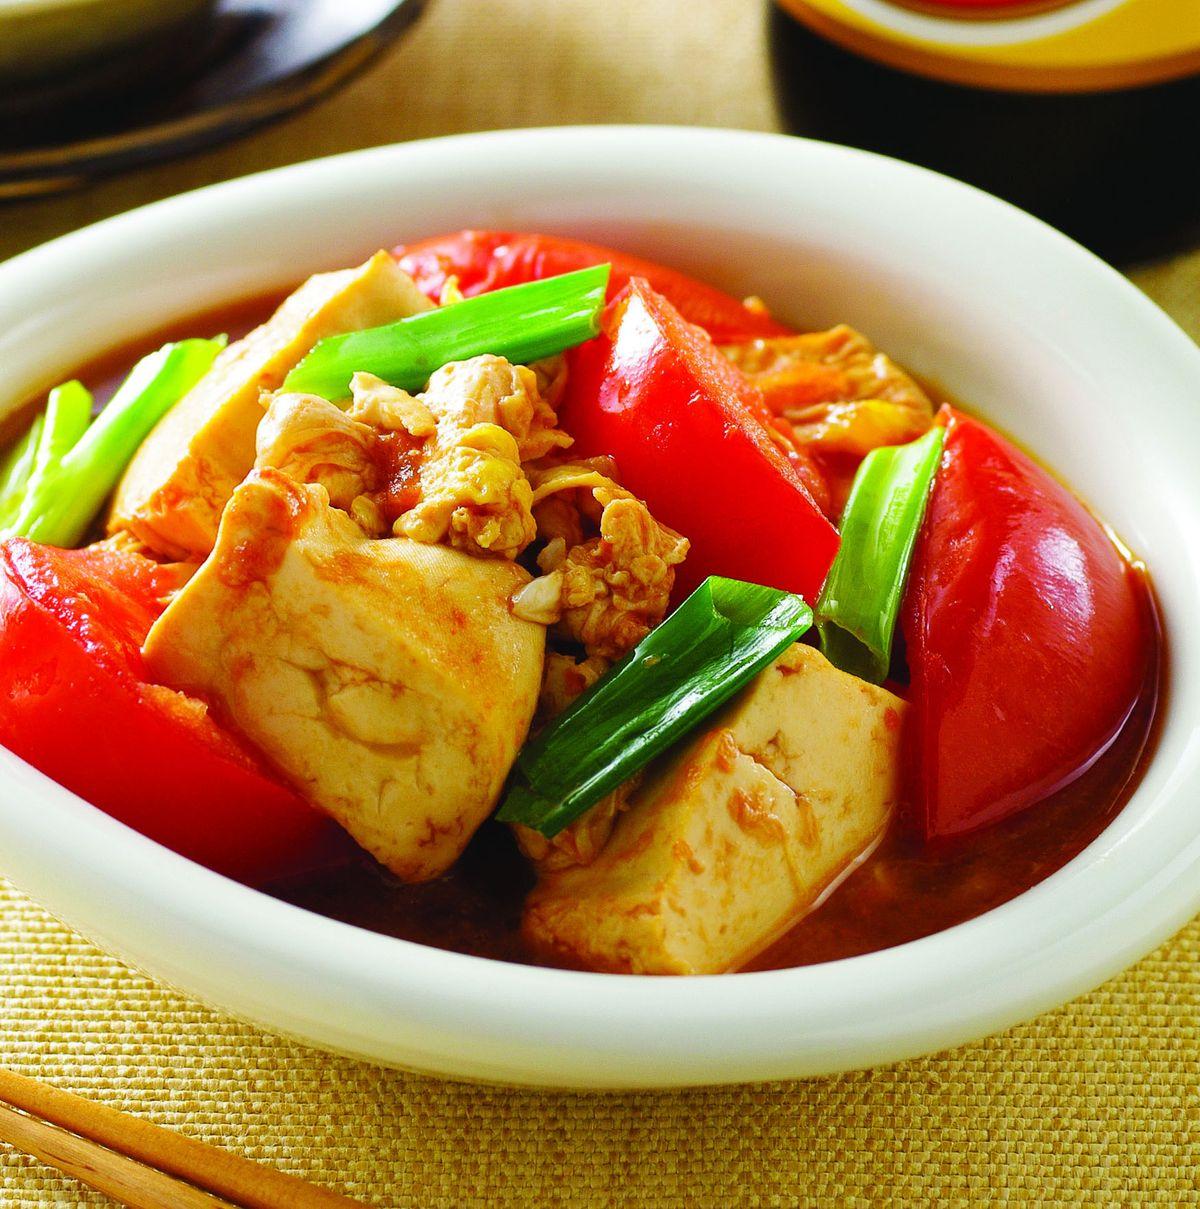 食譜:蕃茄豆腐嫩蛋